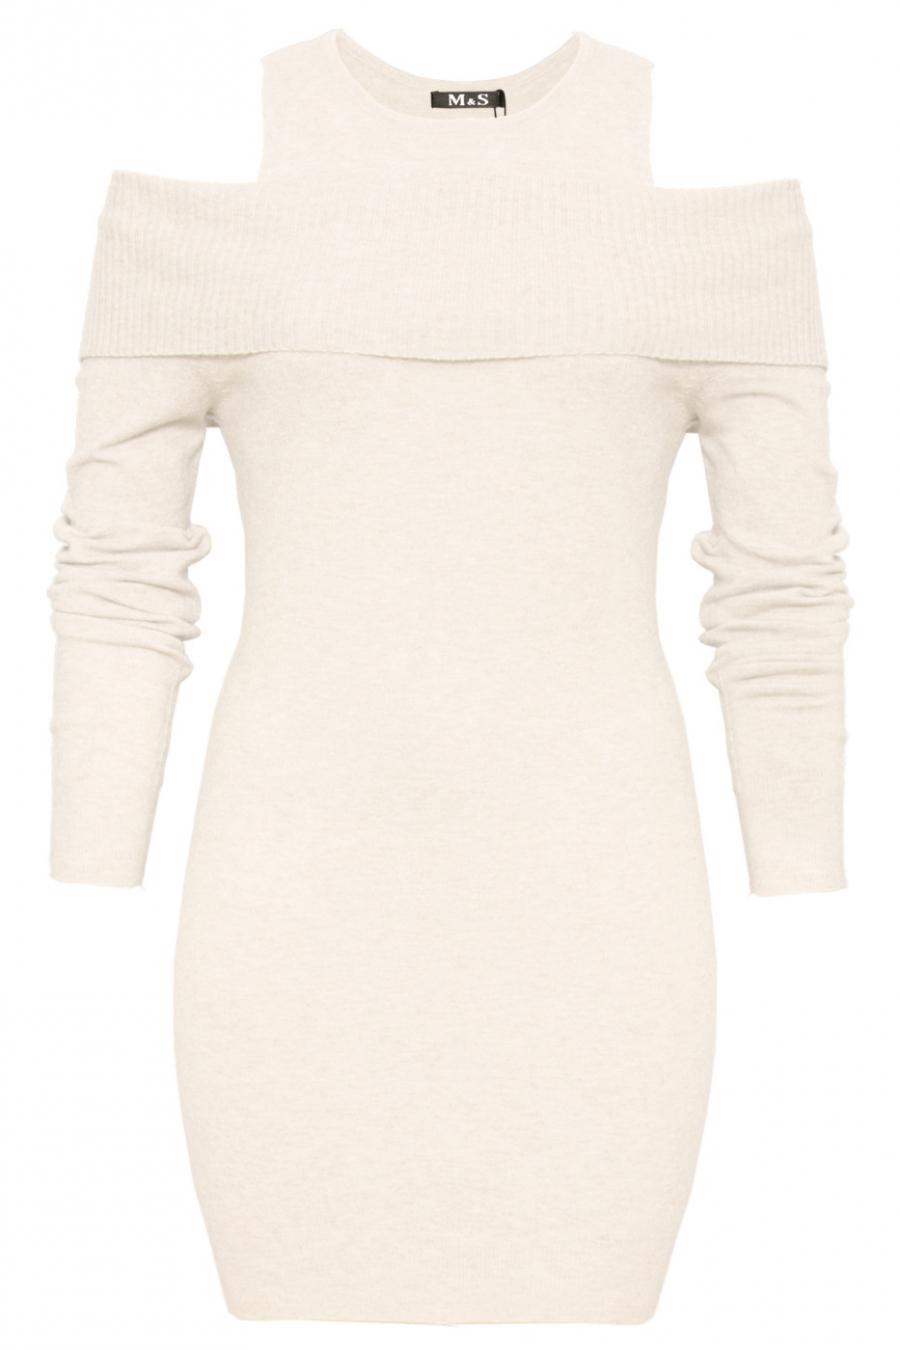 Magnifique tunique blanc épaule ouverte. Vêtement mode tendance 1969